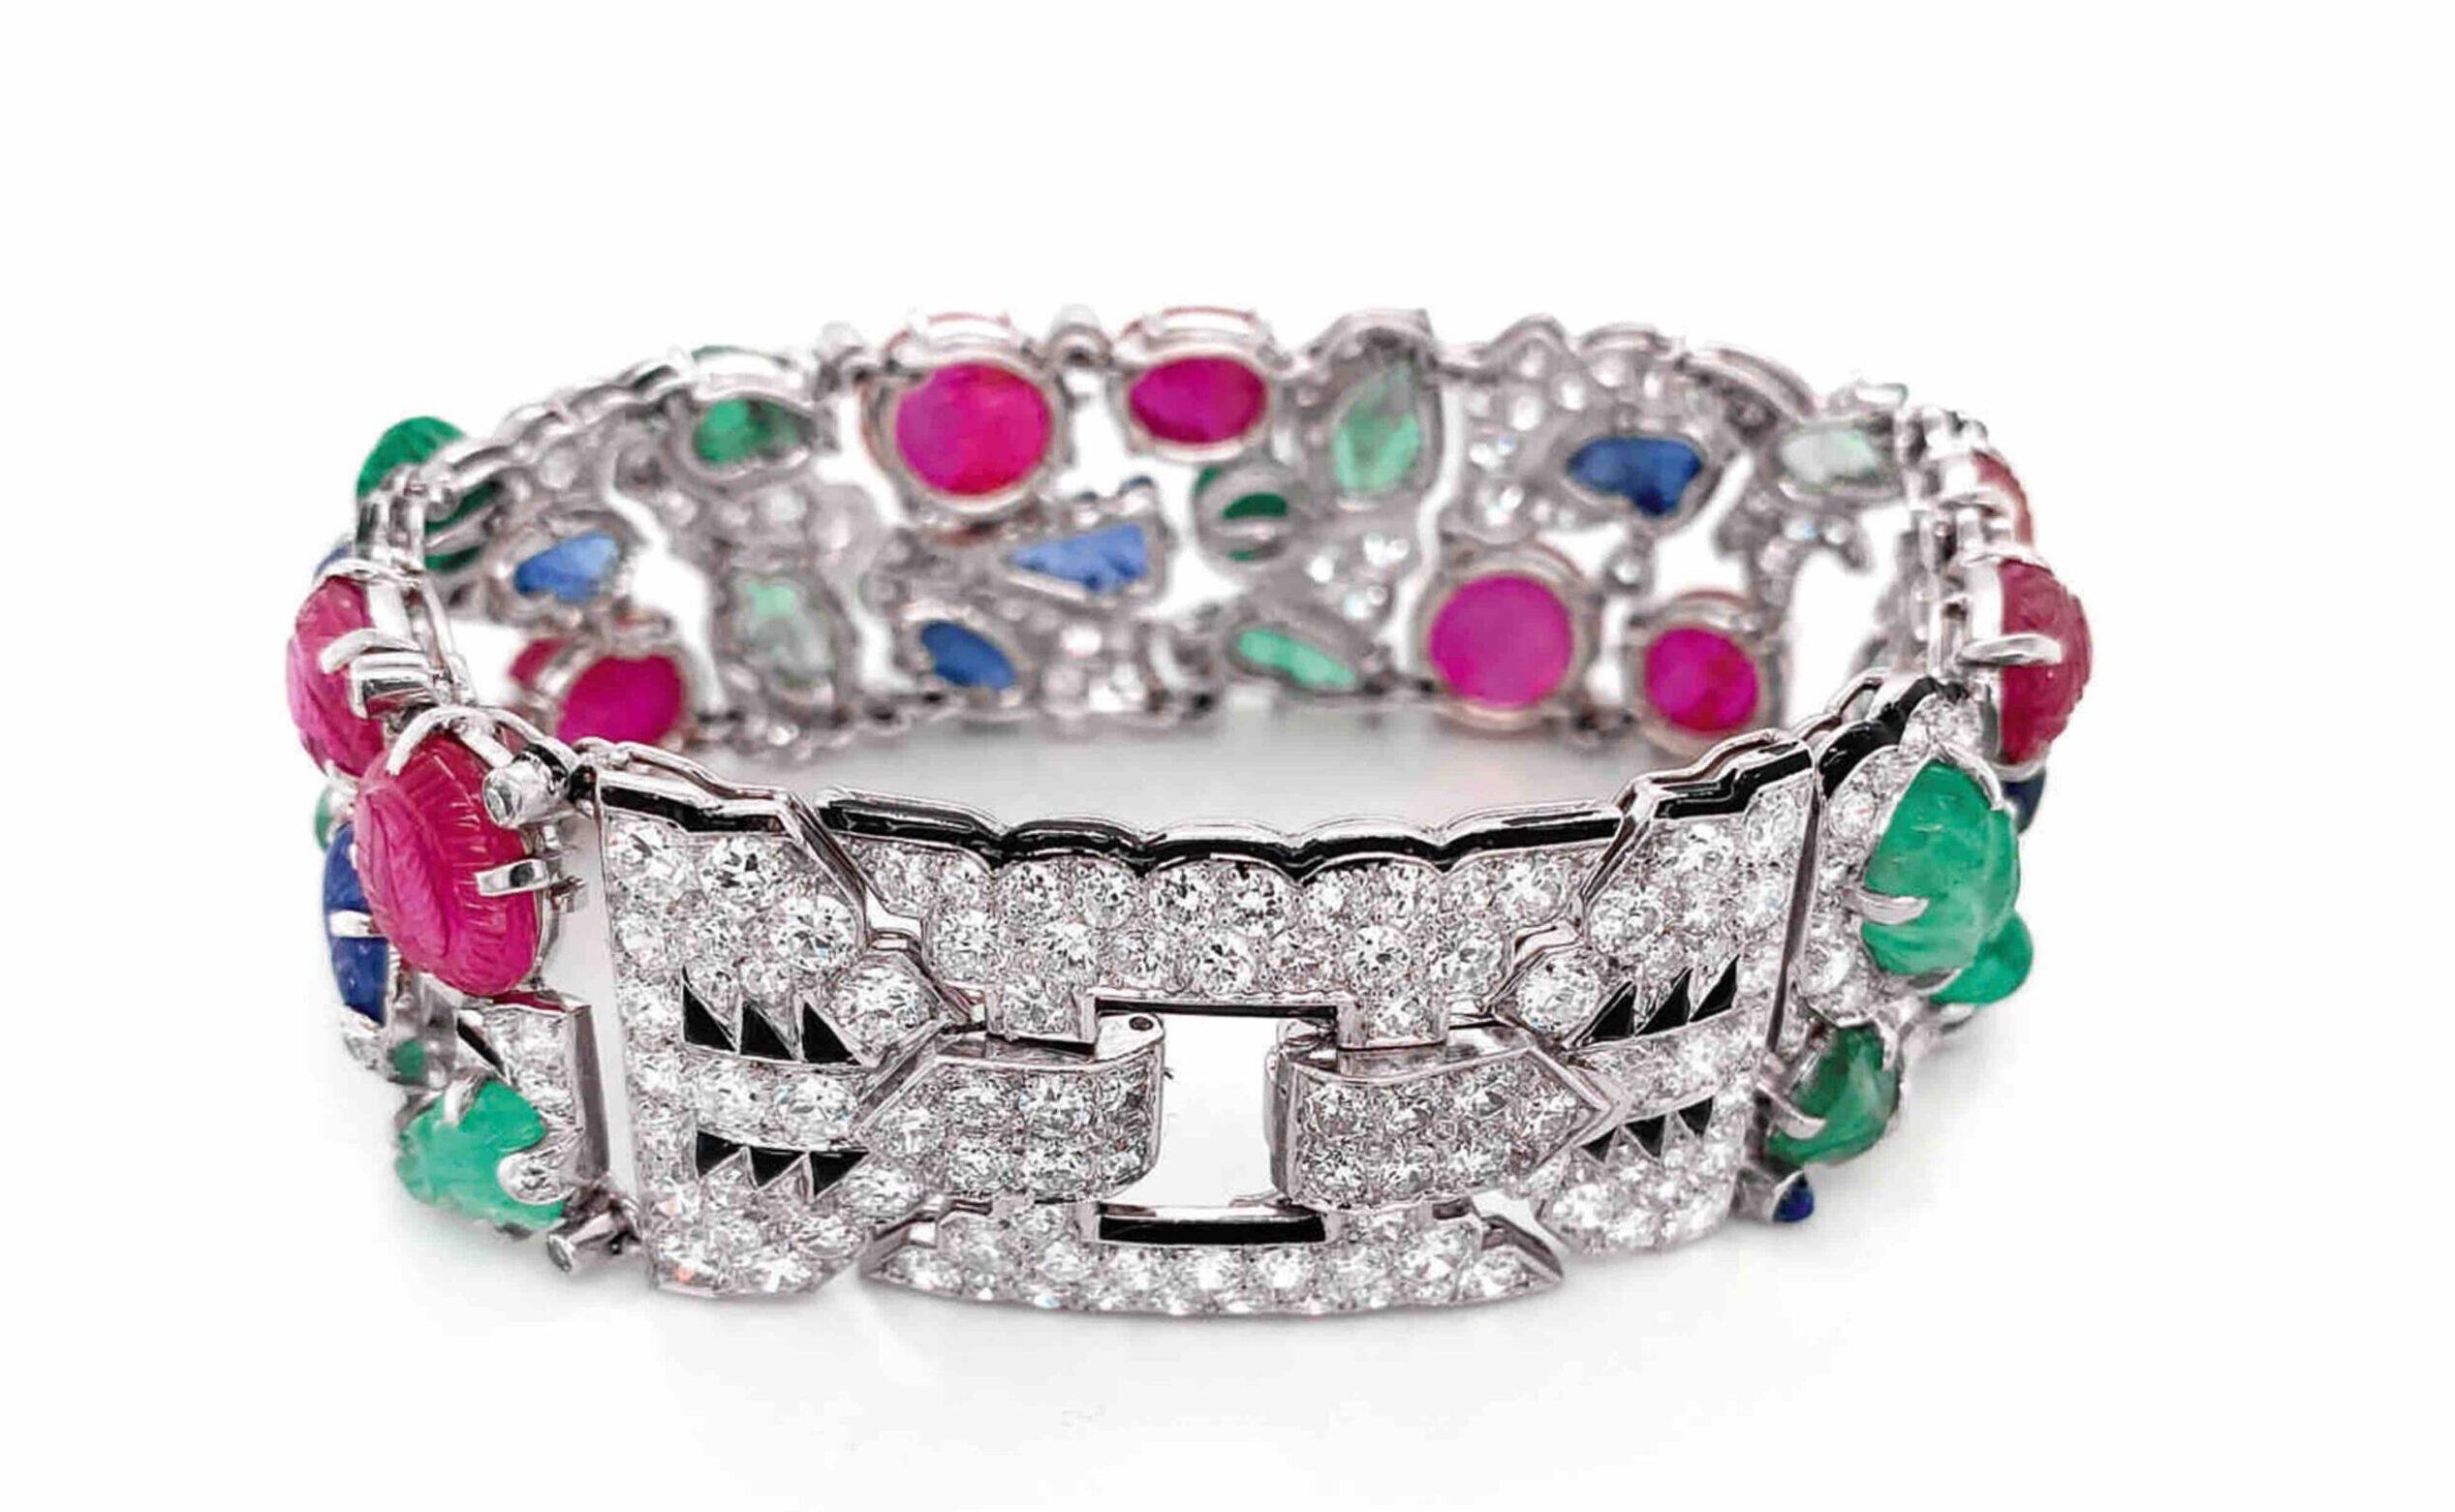 """Un bracciale """"Tutti Frutti"""" di Cartier vola a 1,3 milioni in asta da Sotheby's"""